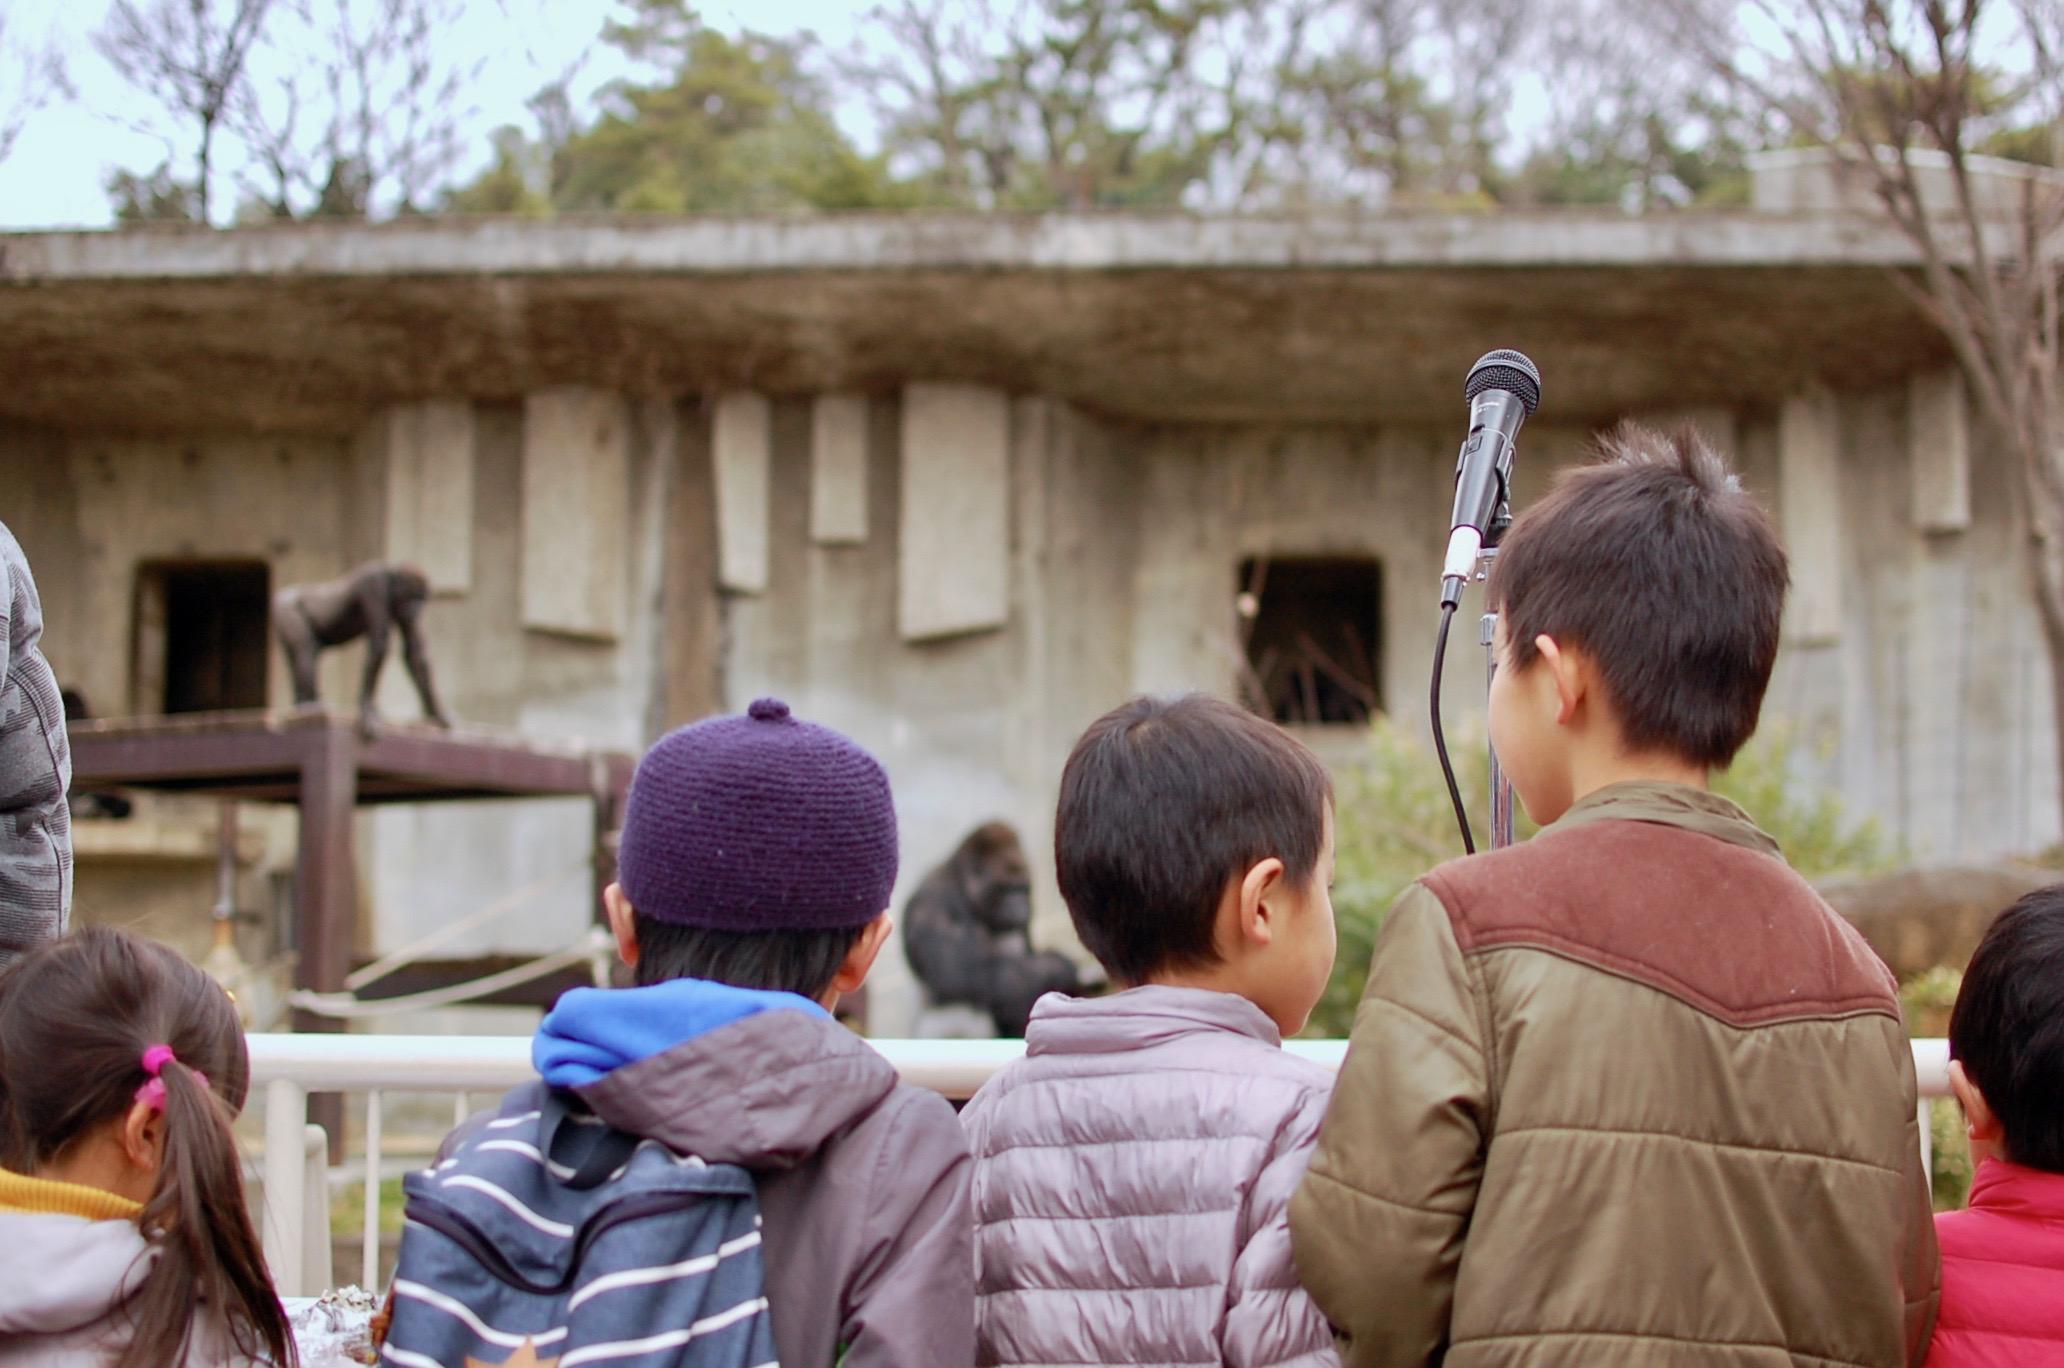 思い出をつなぐ。東山動植物園・80周年記念イベントの見どころを徹底解剖! - e37c524a6af5e4c83849d07c94401230 1